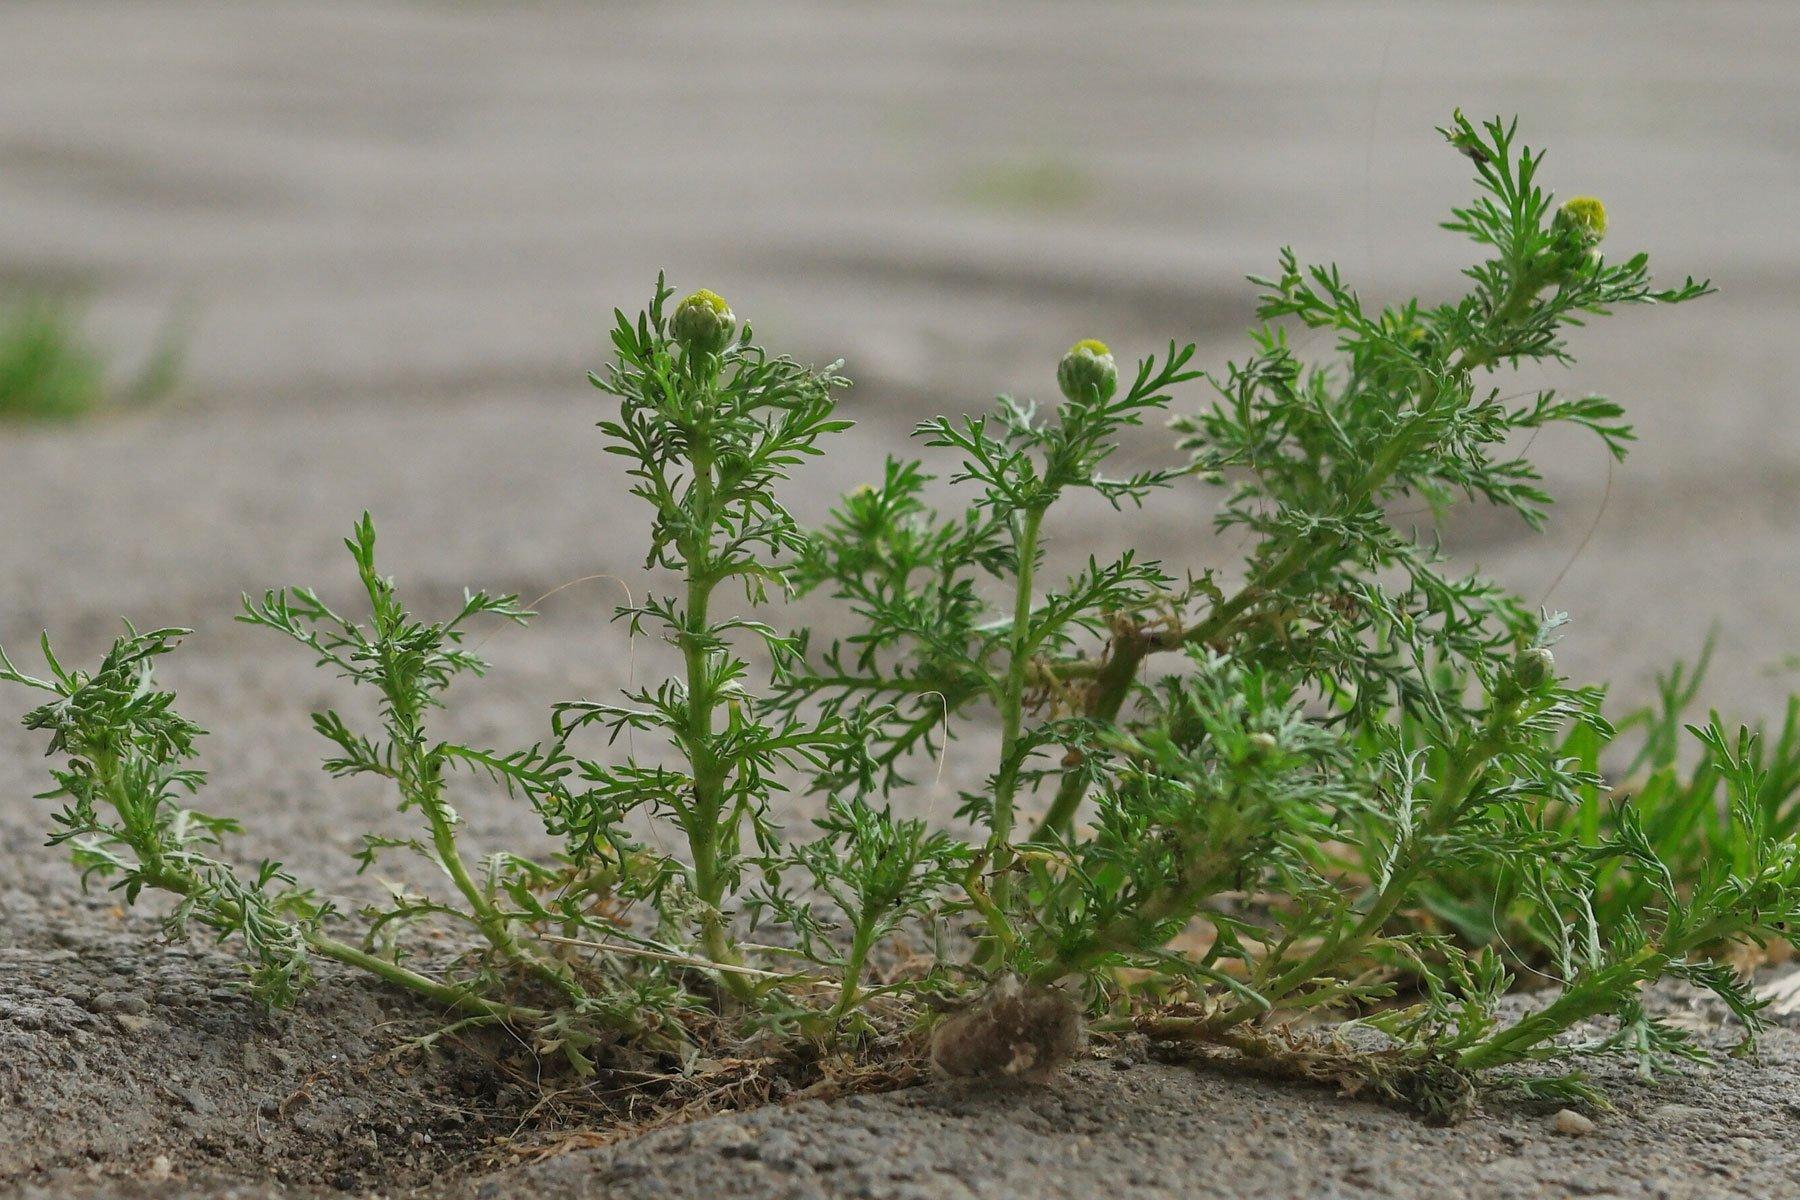 Strahlenlose Kamille Blätter